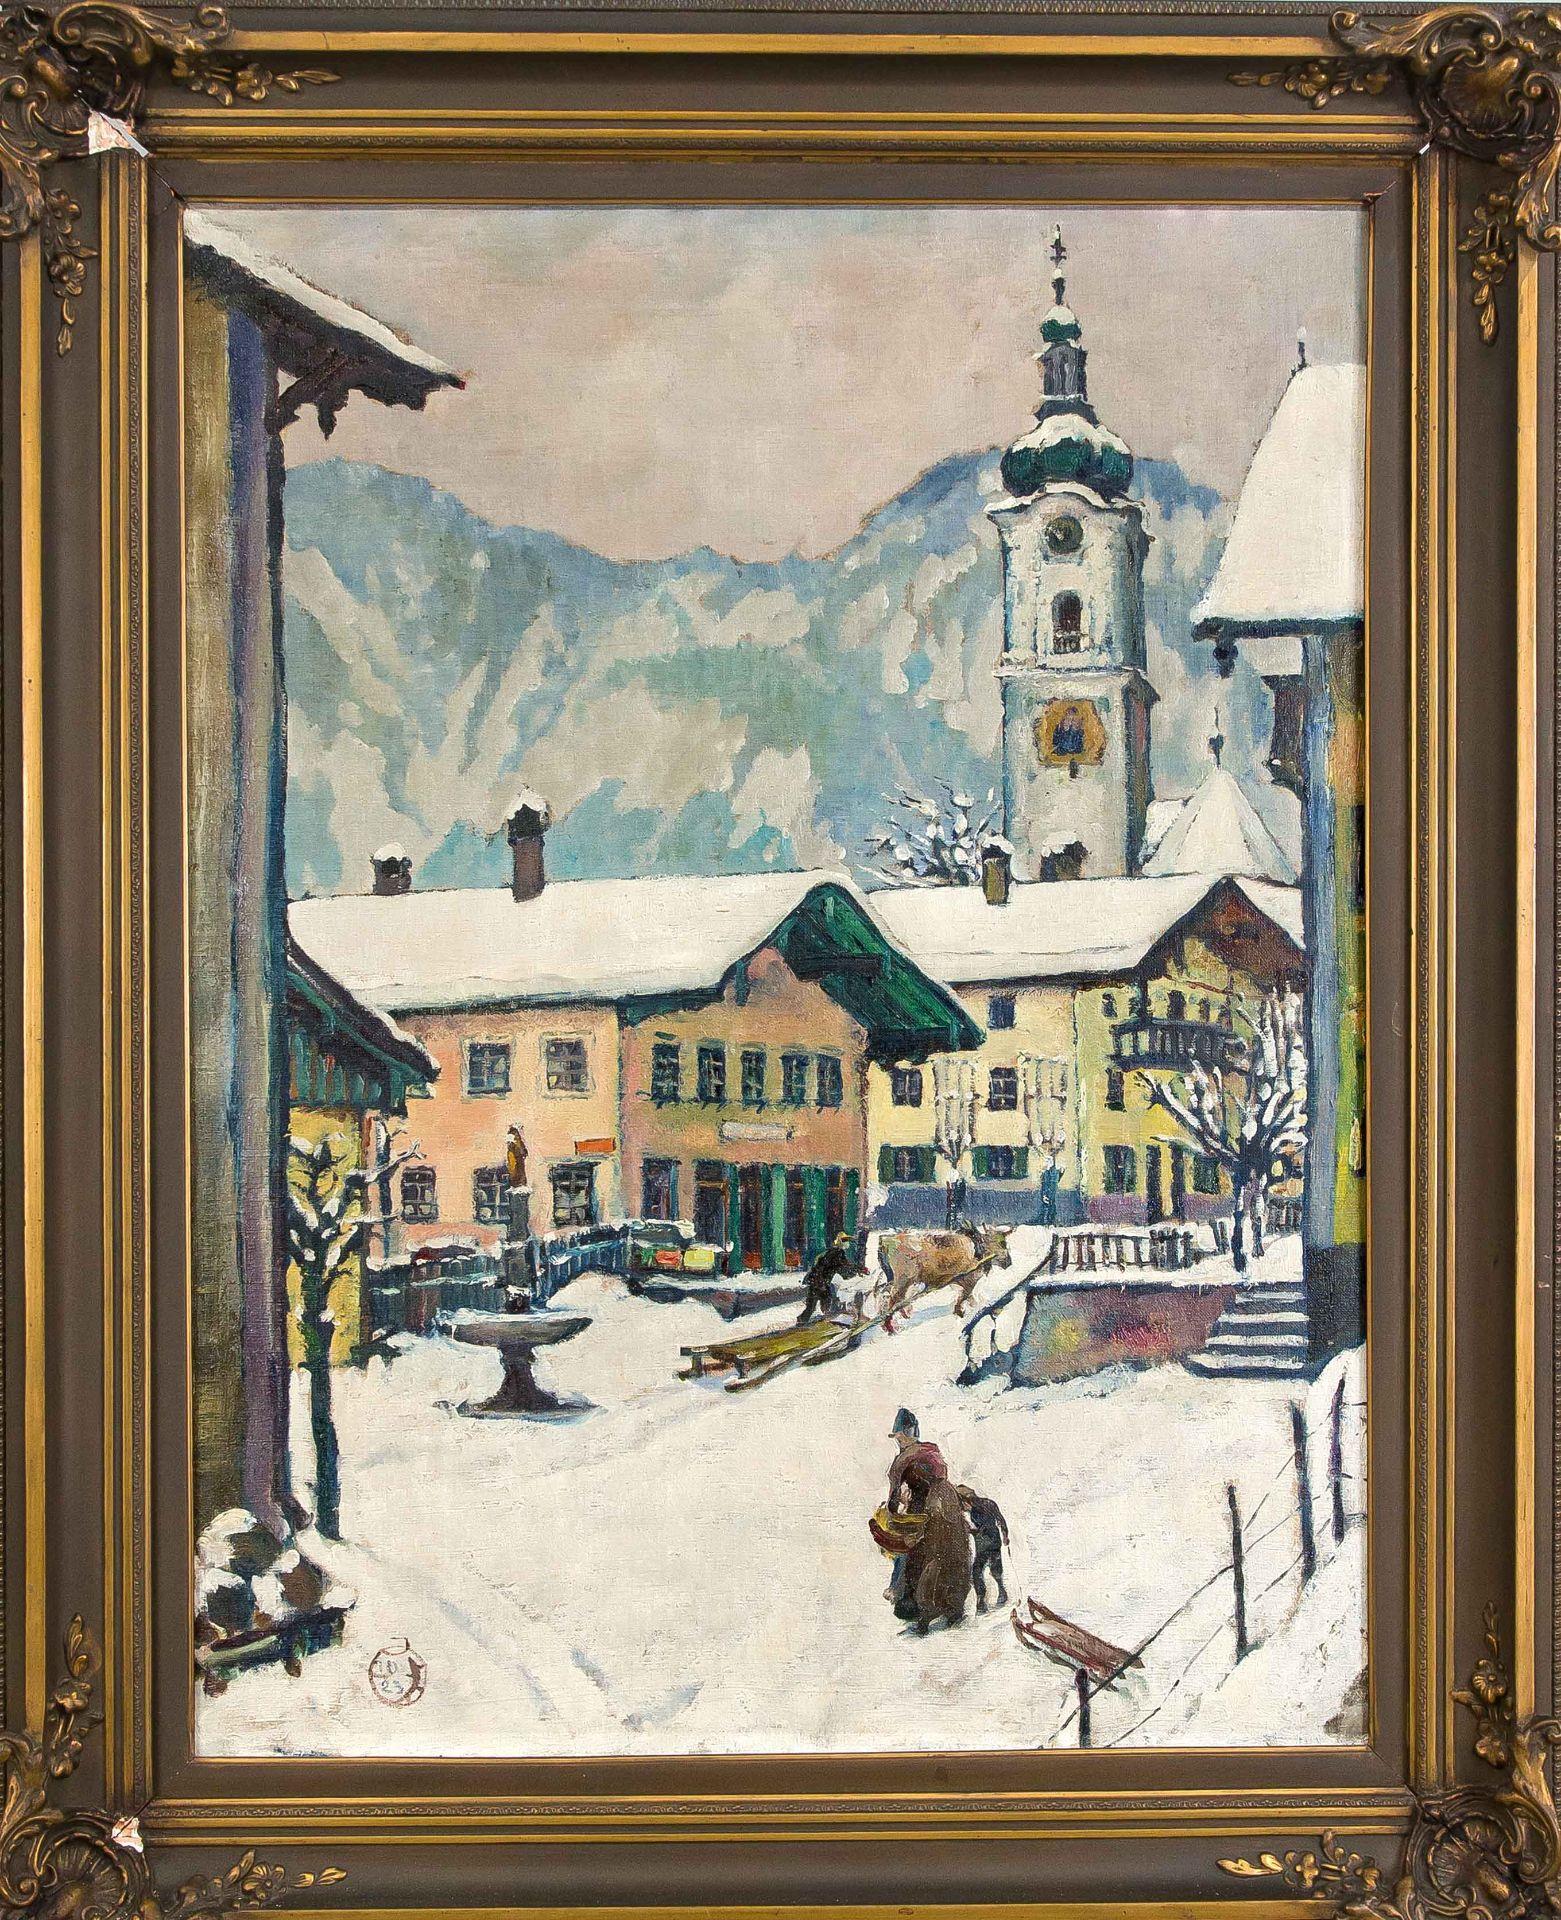 Monogrammist J.O.-Alpine Village in Winter